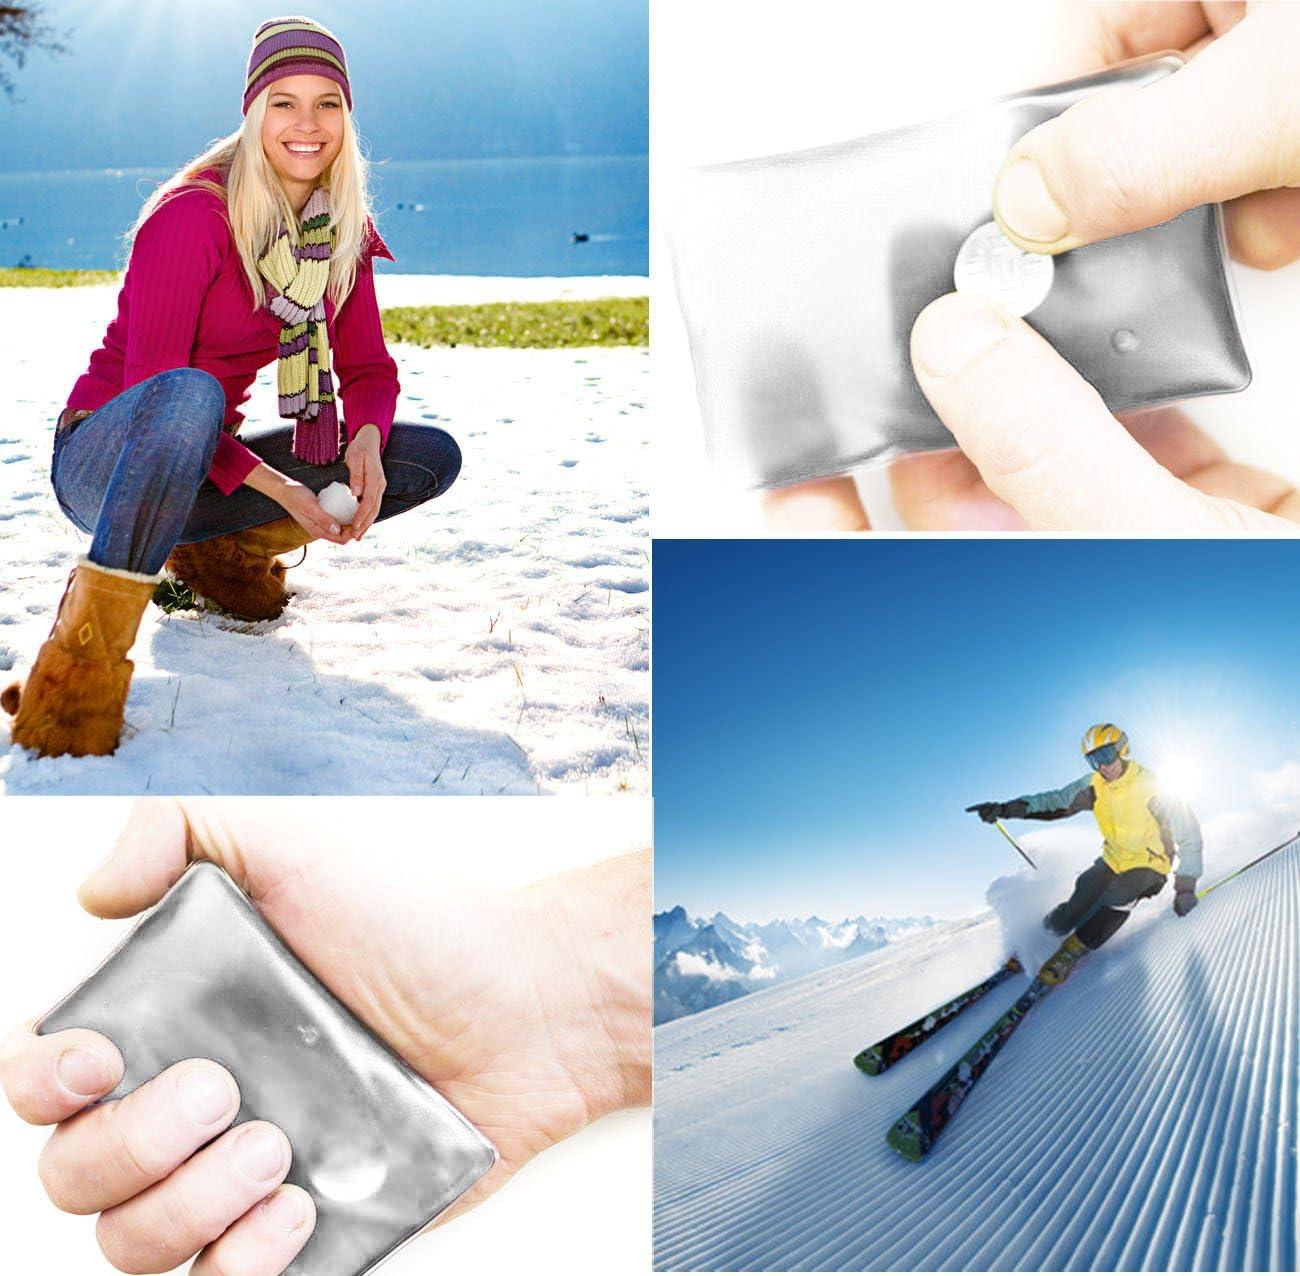 UE/®/ m/ême de erw/ärmend Home Tools longue dur/ée r/éutilisable Scie /à main /4/x la chaleur de coussin Bouillotte de poche 10/x 6,5/cm Lot de 4 Coussin en gel